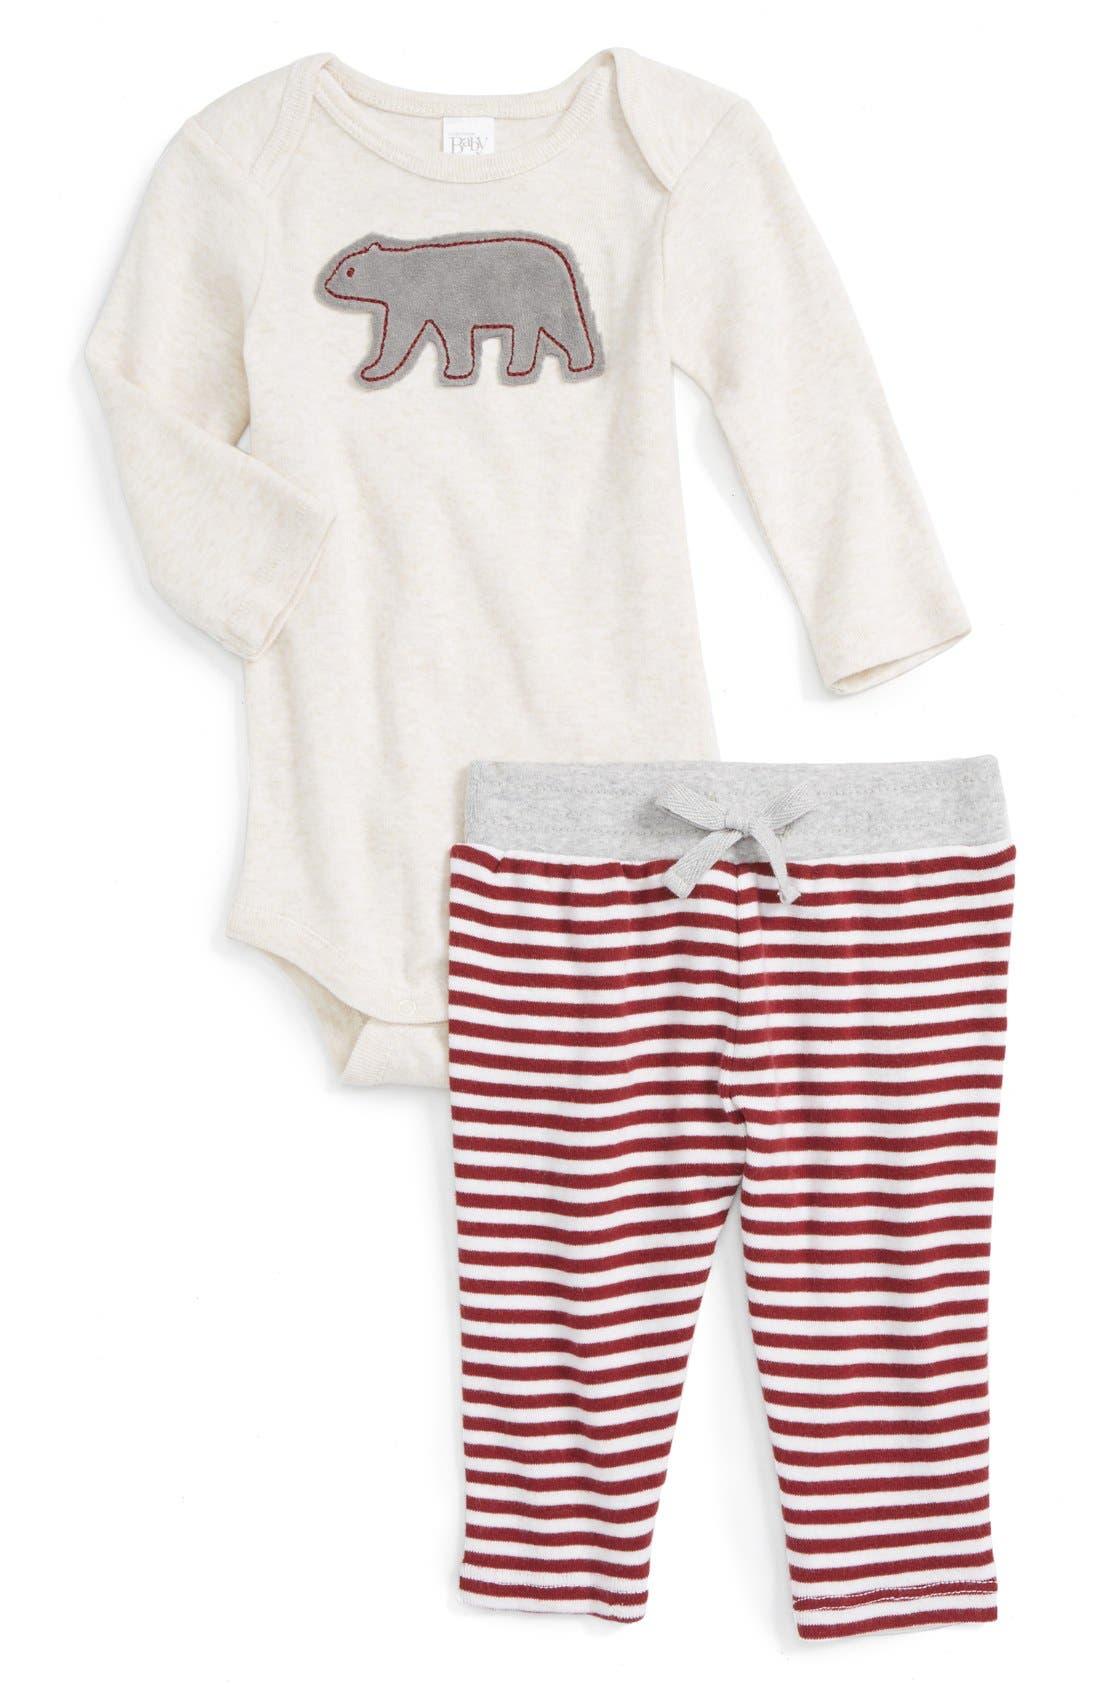 NORDSTROM BABY, Appliqué Bodysuit & Pants Set, Main thumbnail 1, color, 900